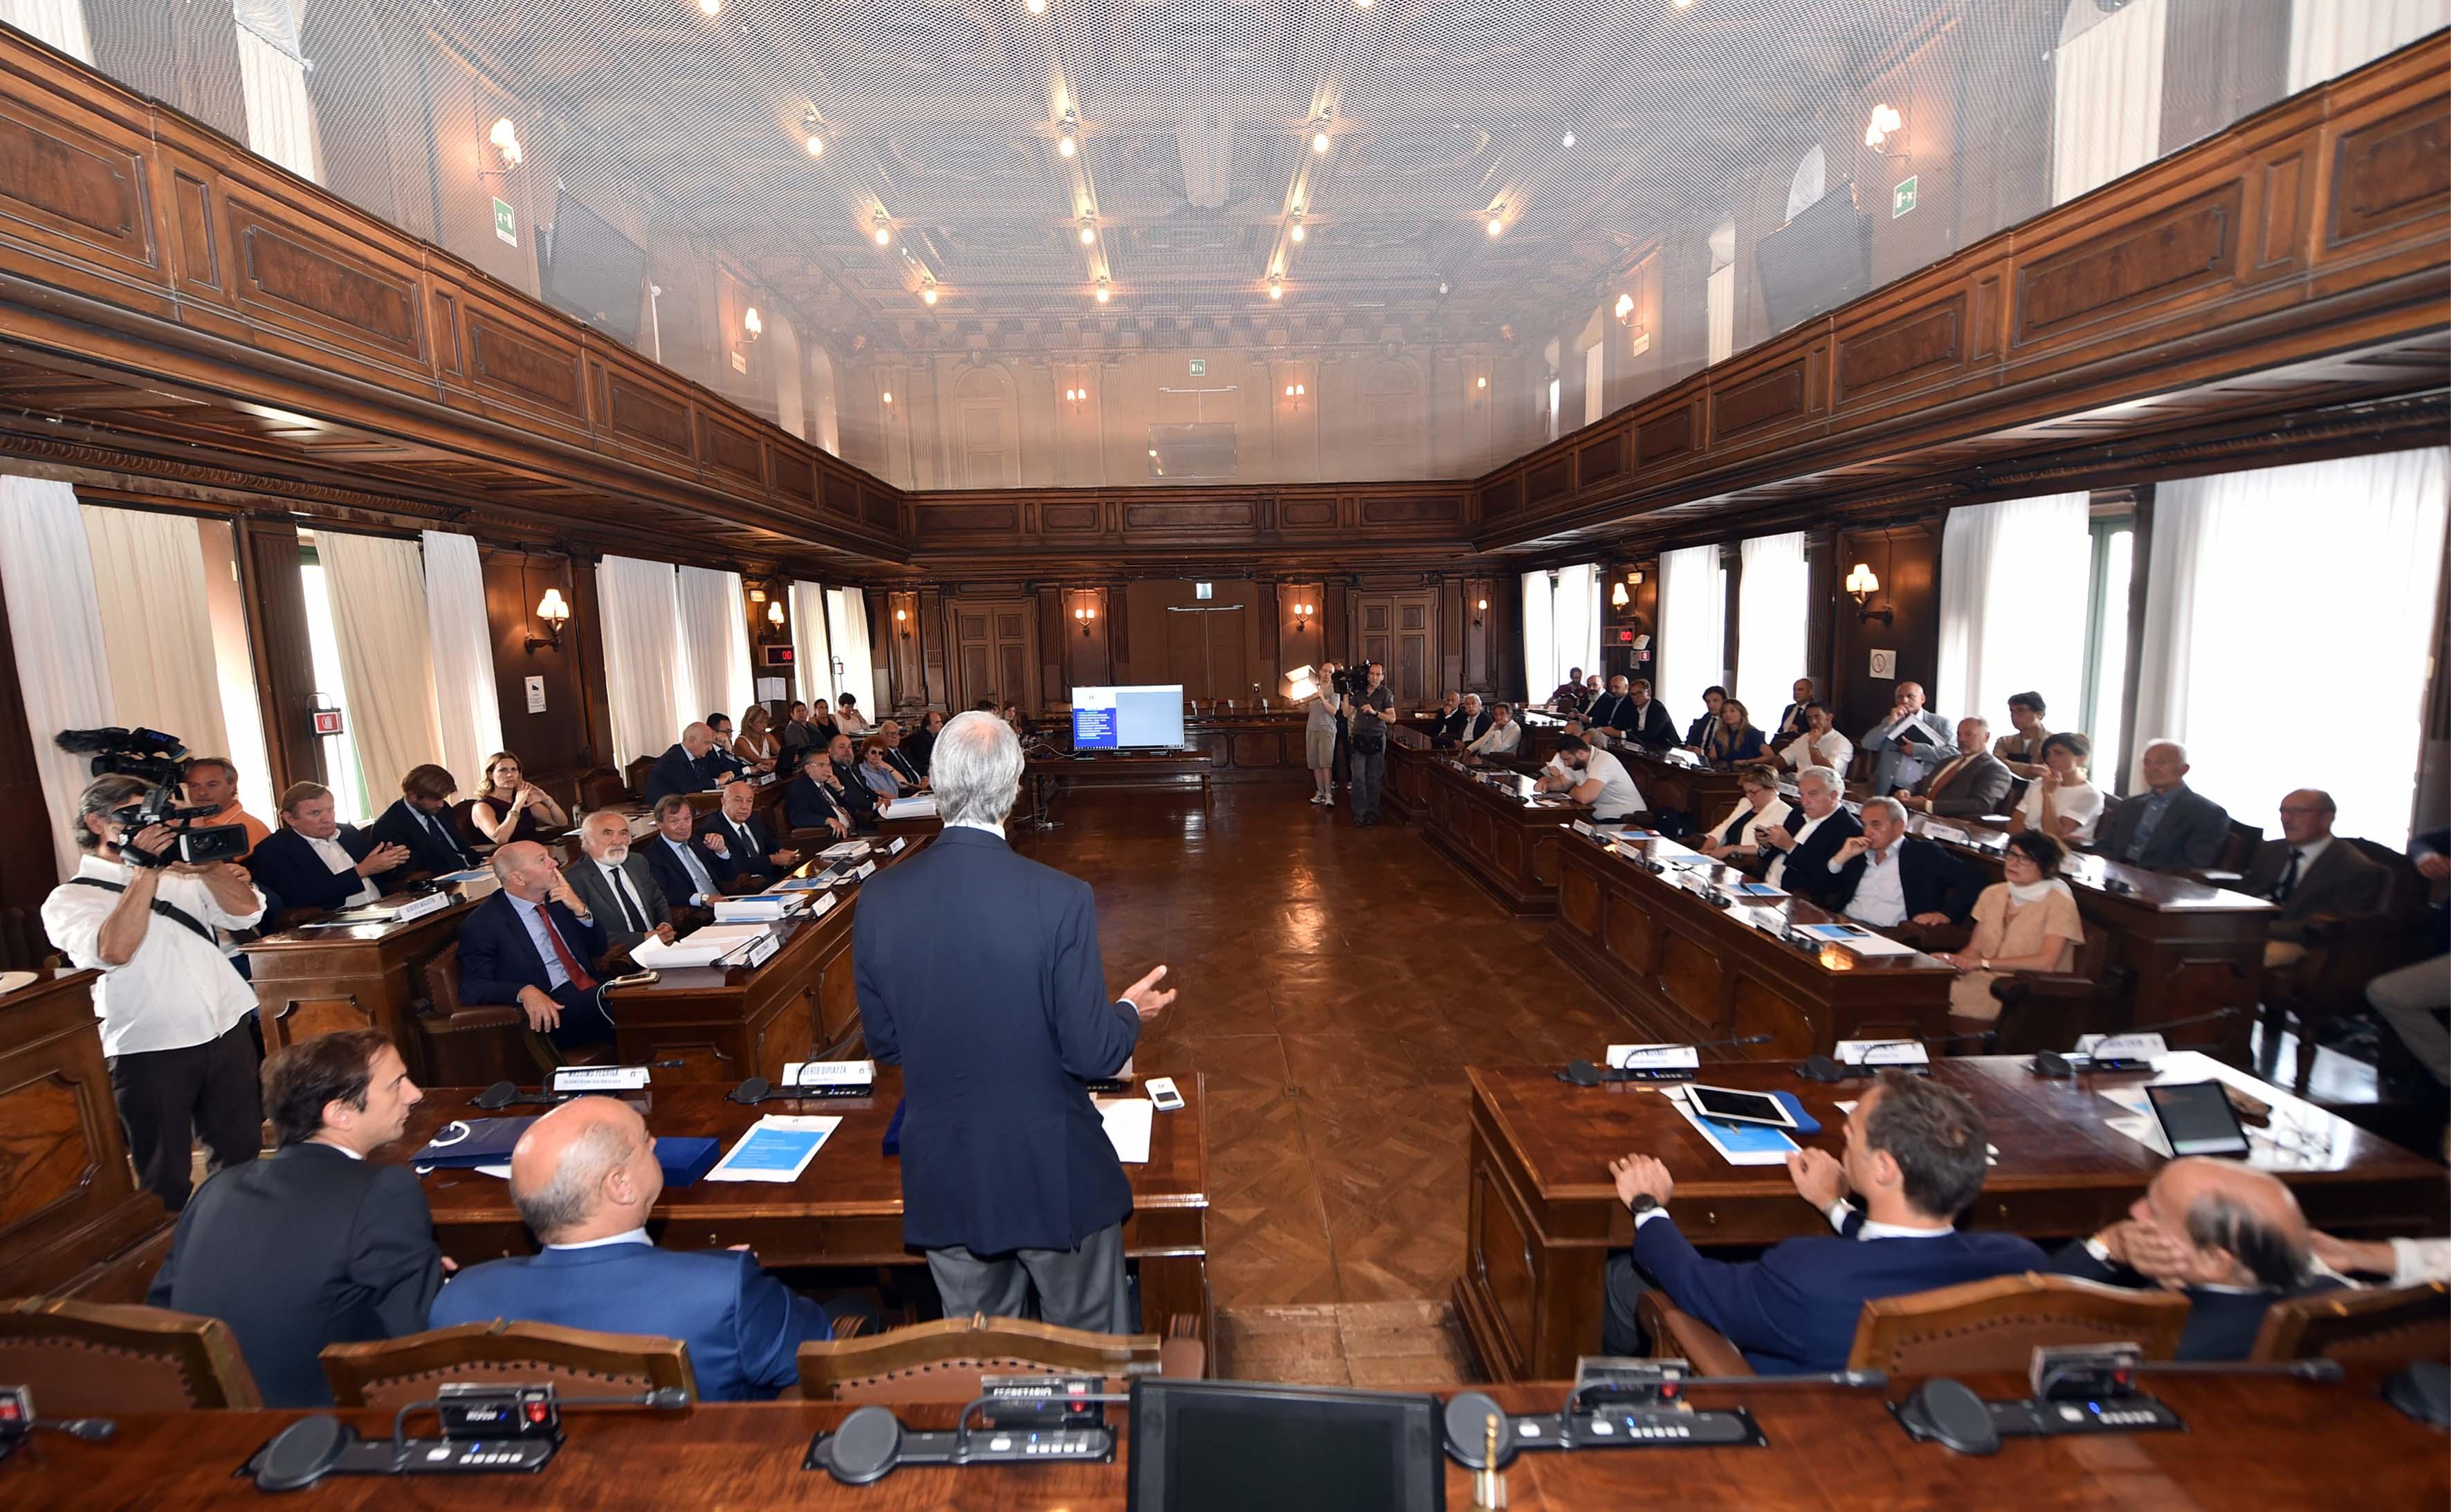 180612 0002 Trieste Giunta foto Simone Ferraro SFA_8610 copia